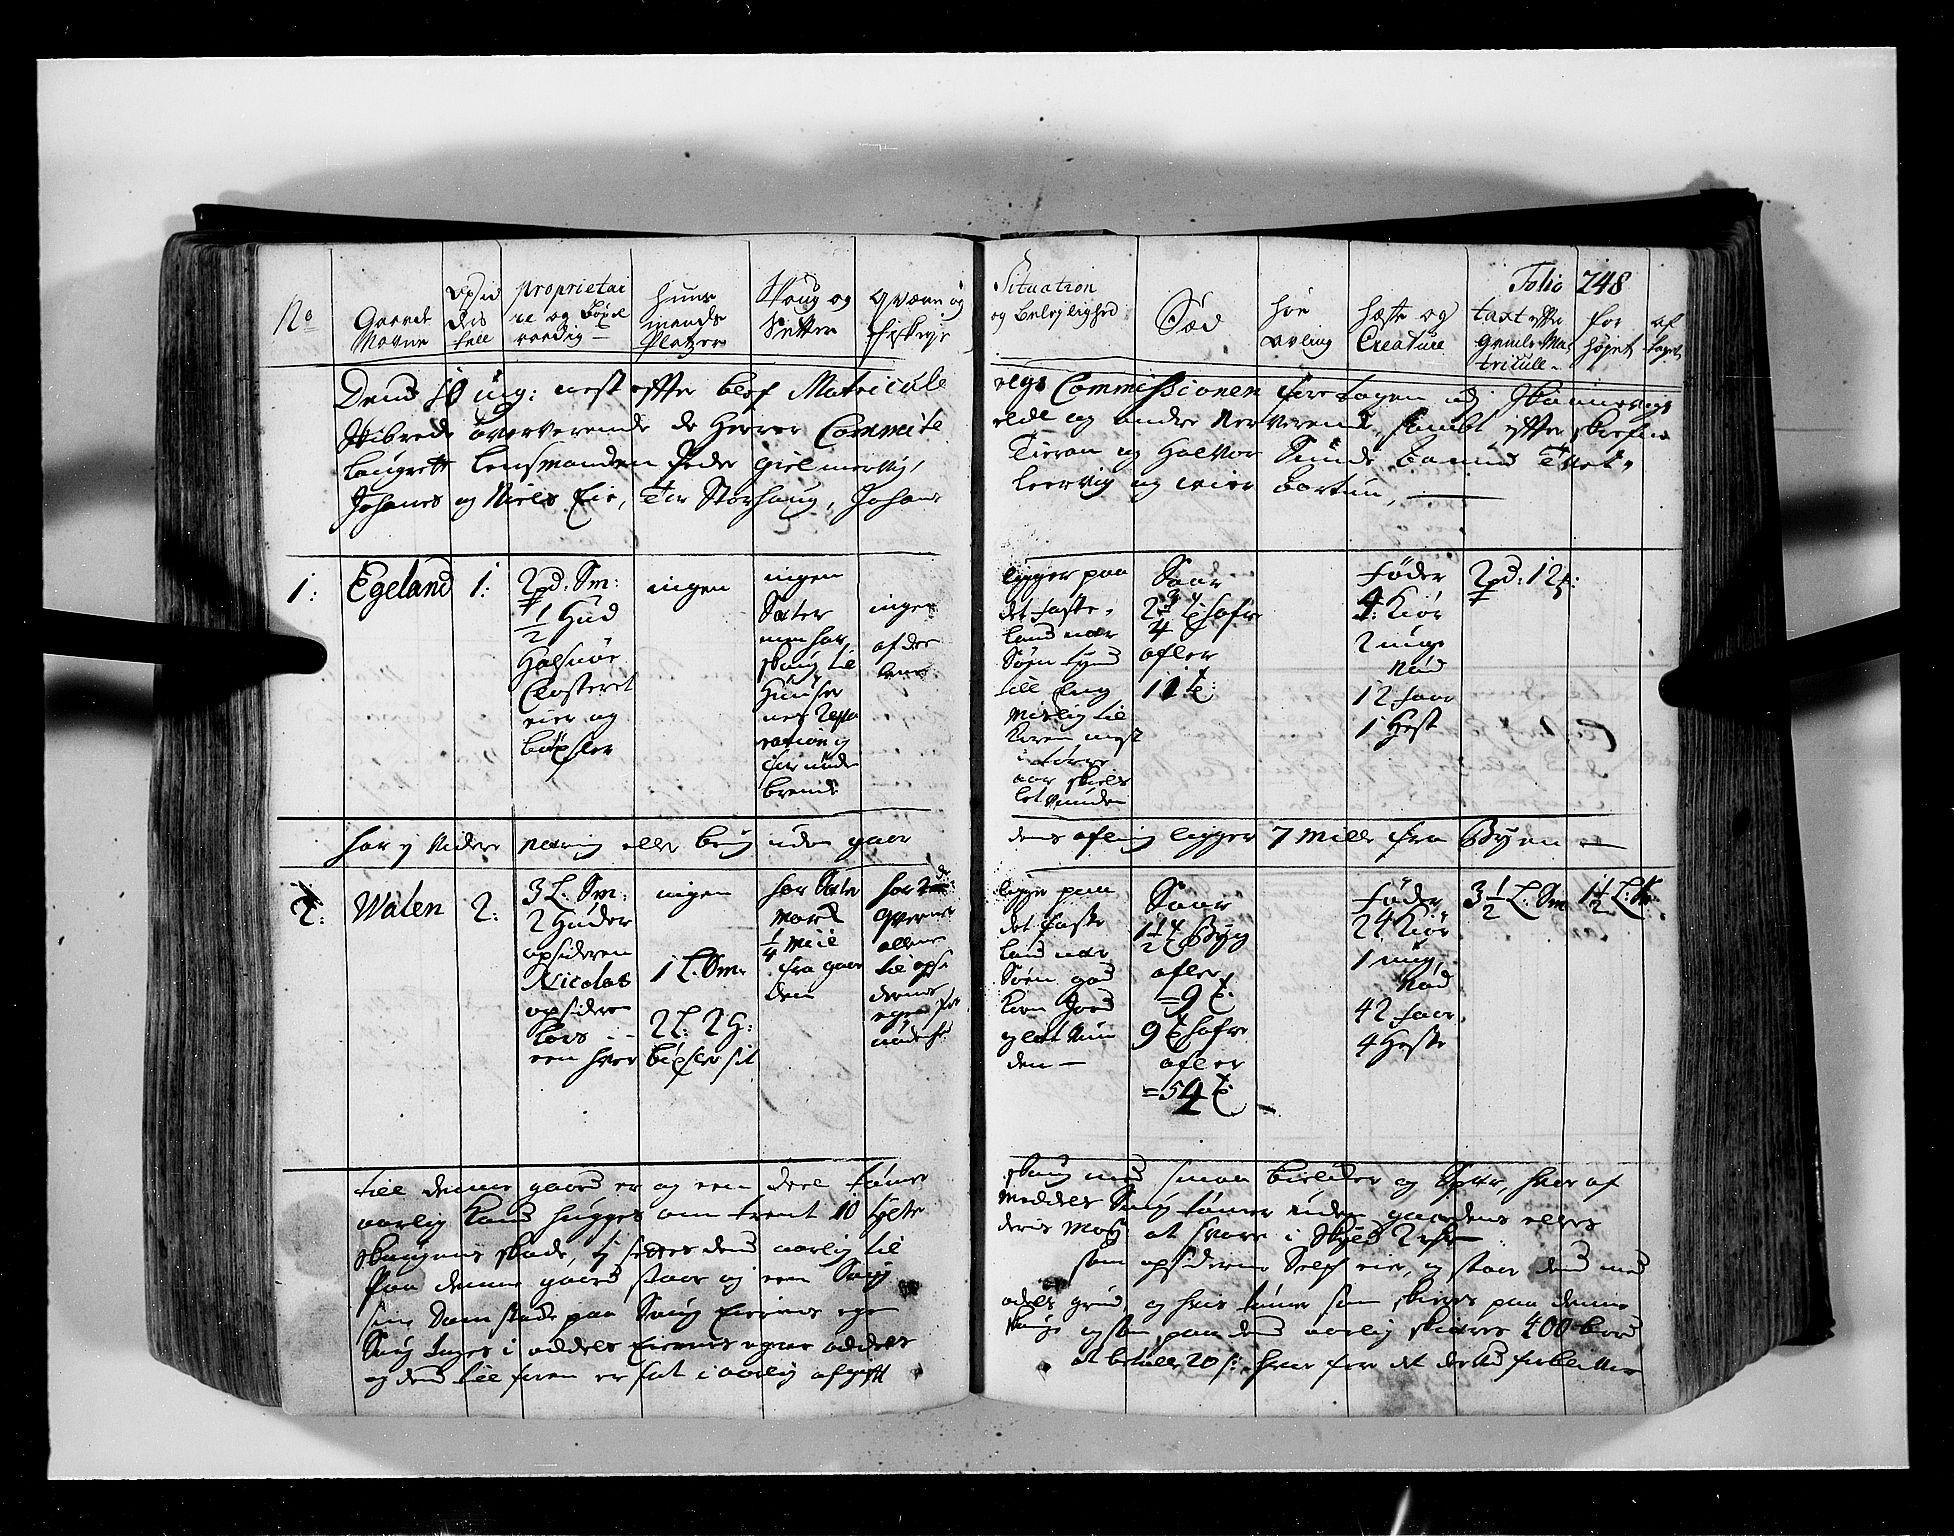 RA, Rentekammeret inntil 1814, Realistisk ordnet avdeling, N/Nb/Nbf/L0134: Sunnhordland eksaminasjonsprotokoll, 1723, s. 247b-248a